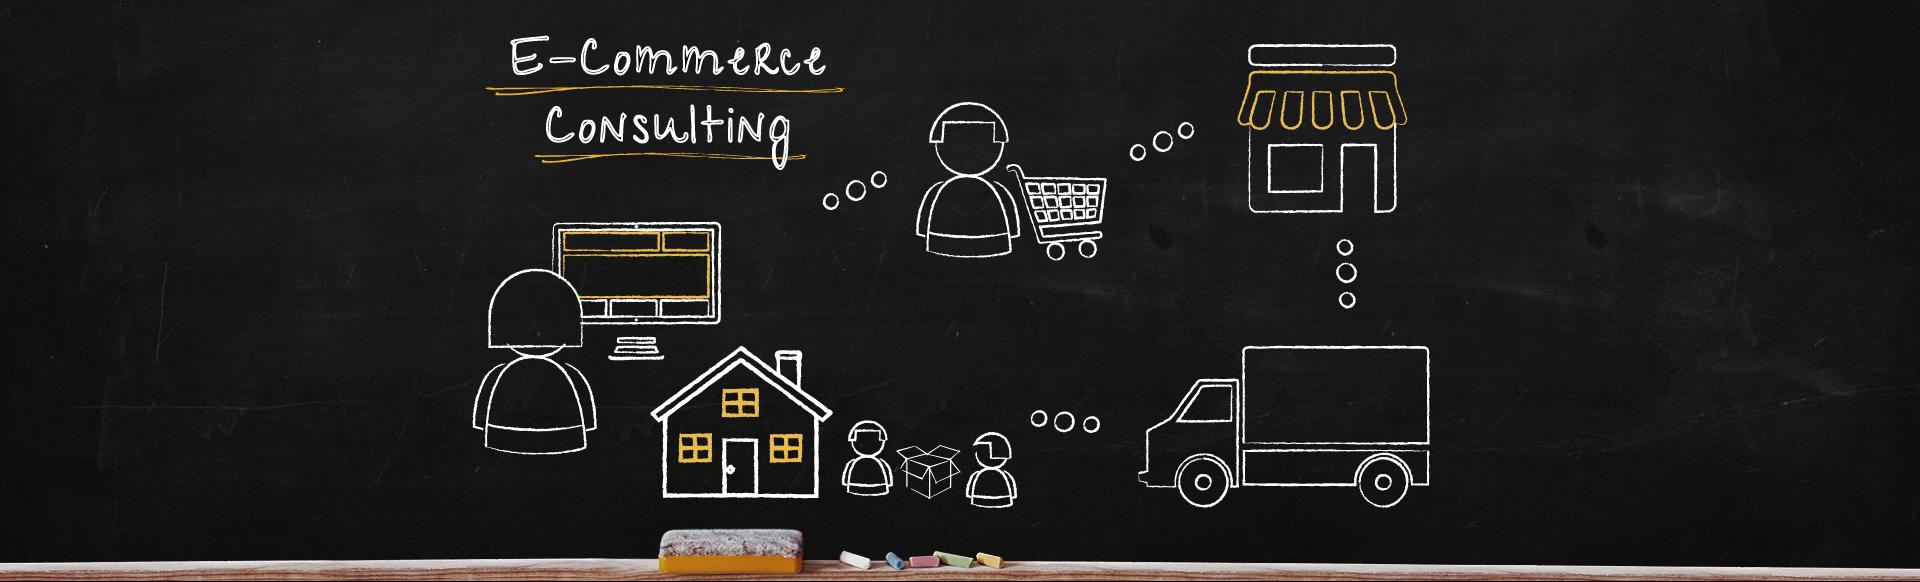 Existenzgründung im E-Commerce